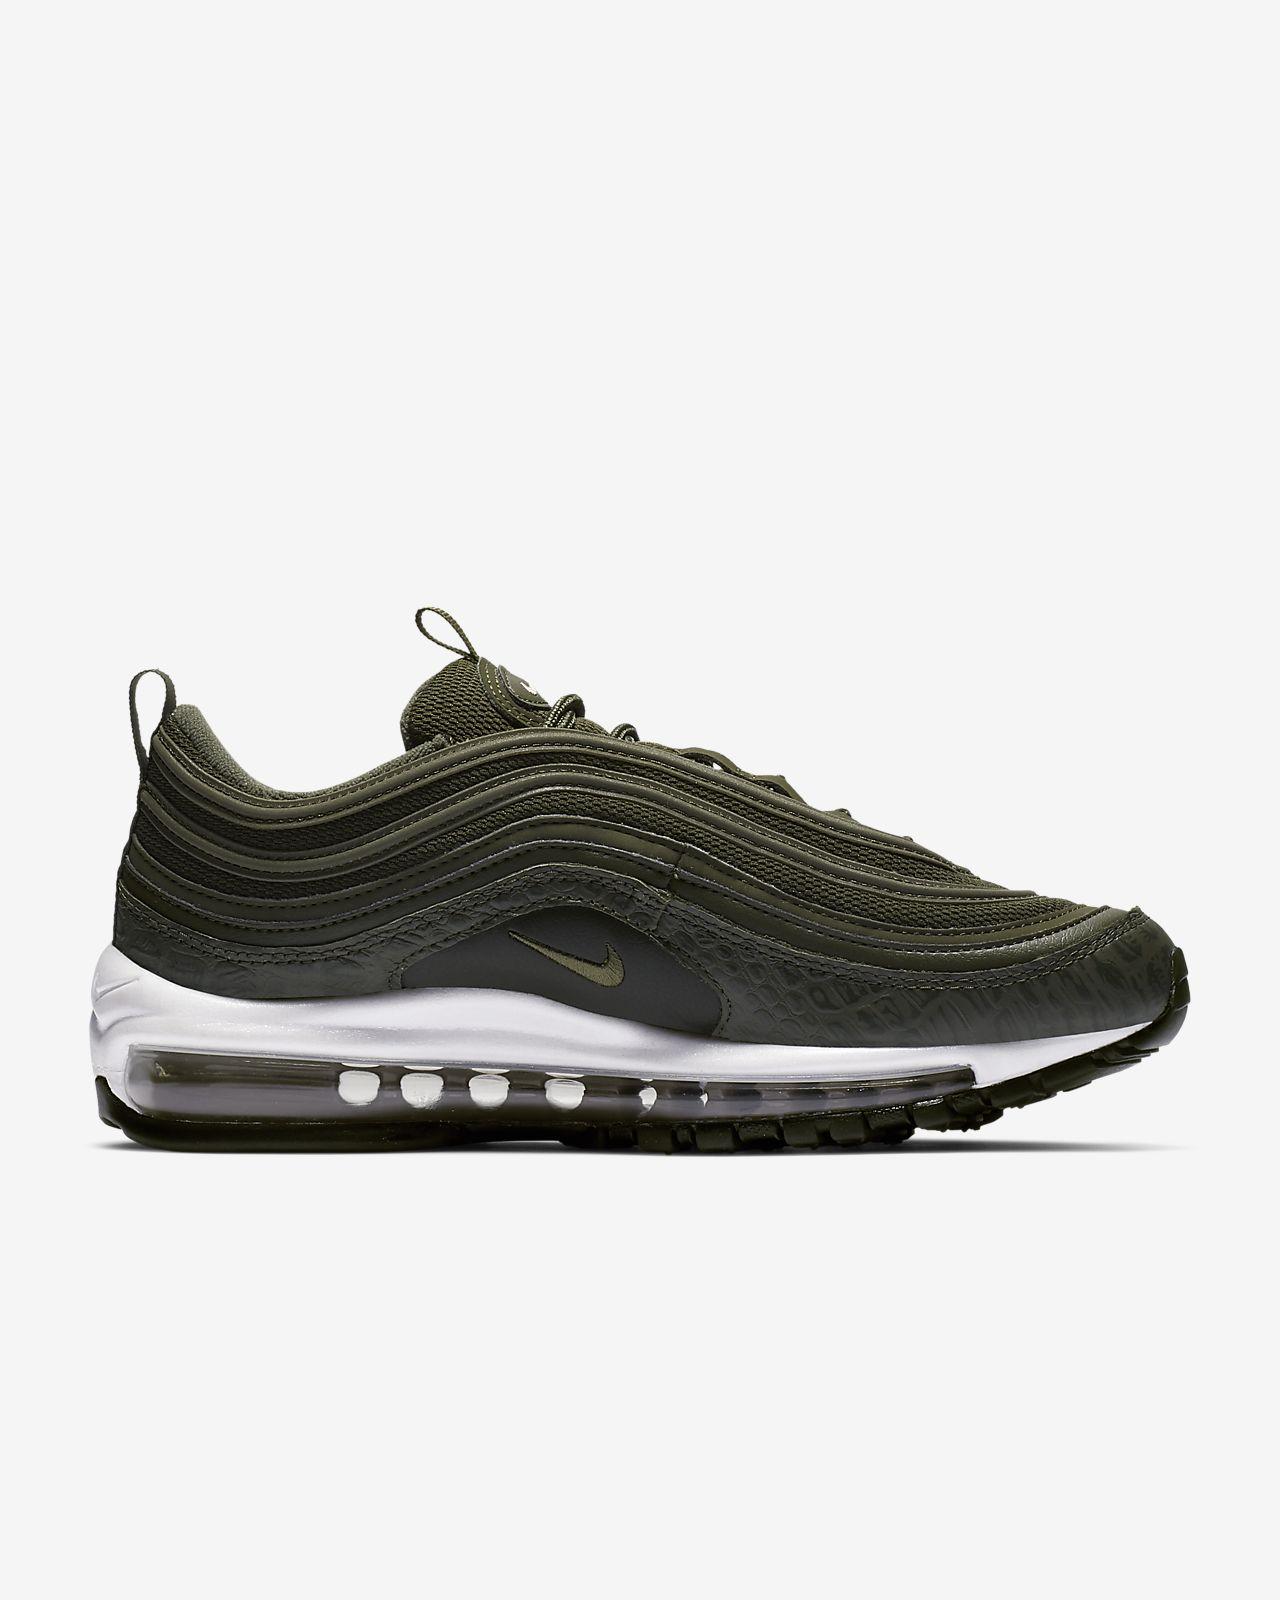 arrives 5aace dedd2 ... Nike Air Max 97 LX Women s Shoe